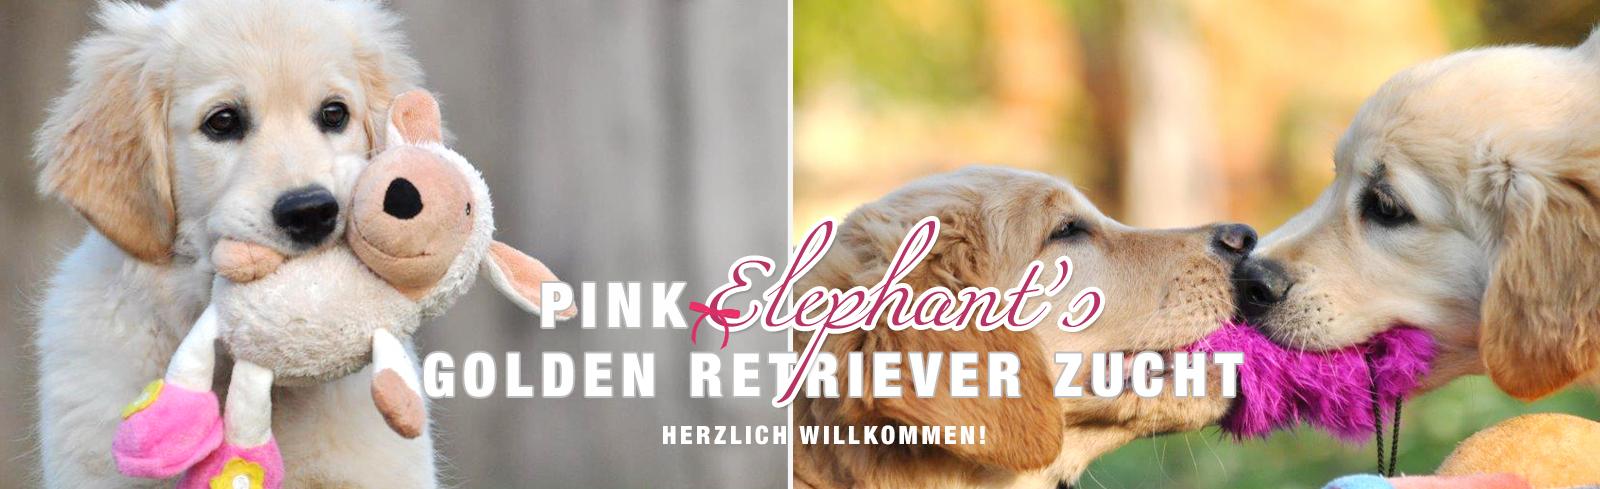 Pink Elephant S Golden Retriever Zucht Aus Oberosterreich